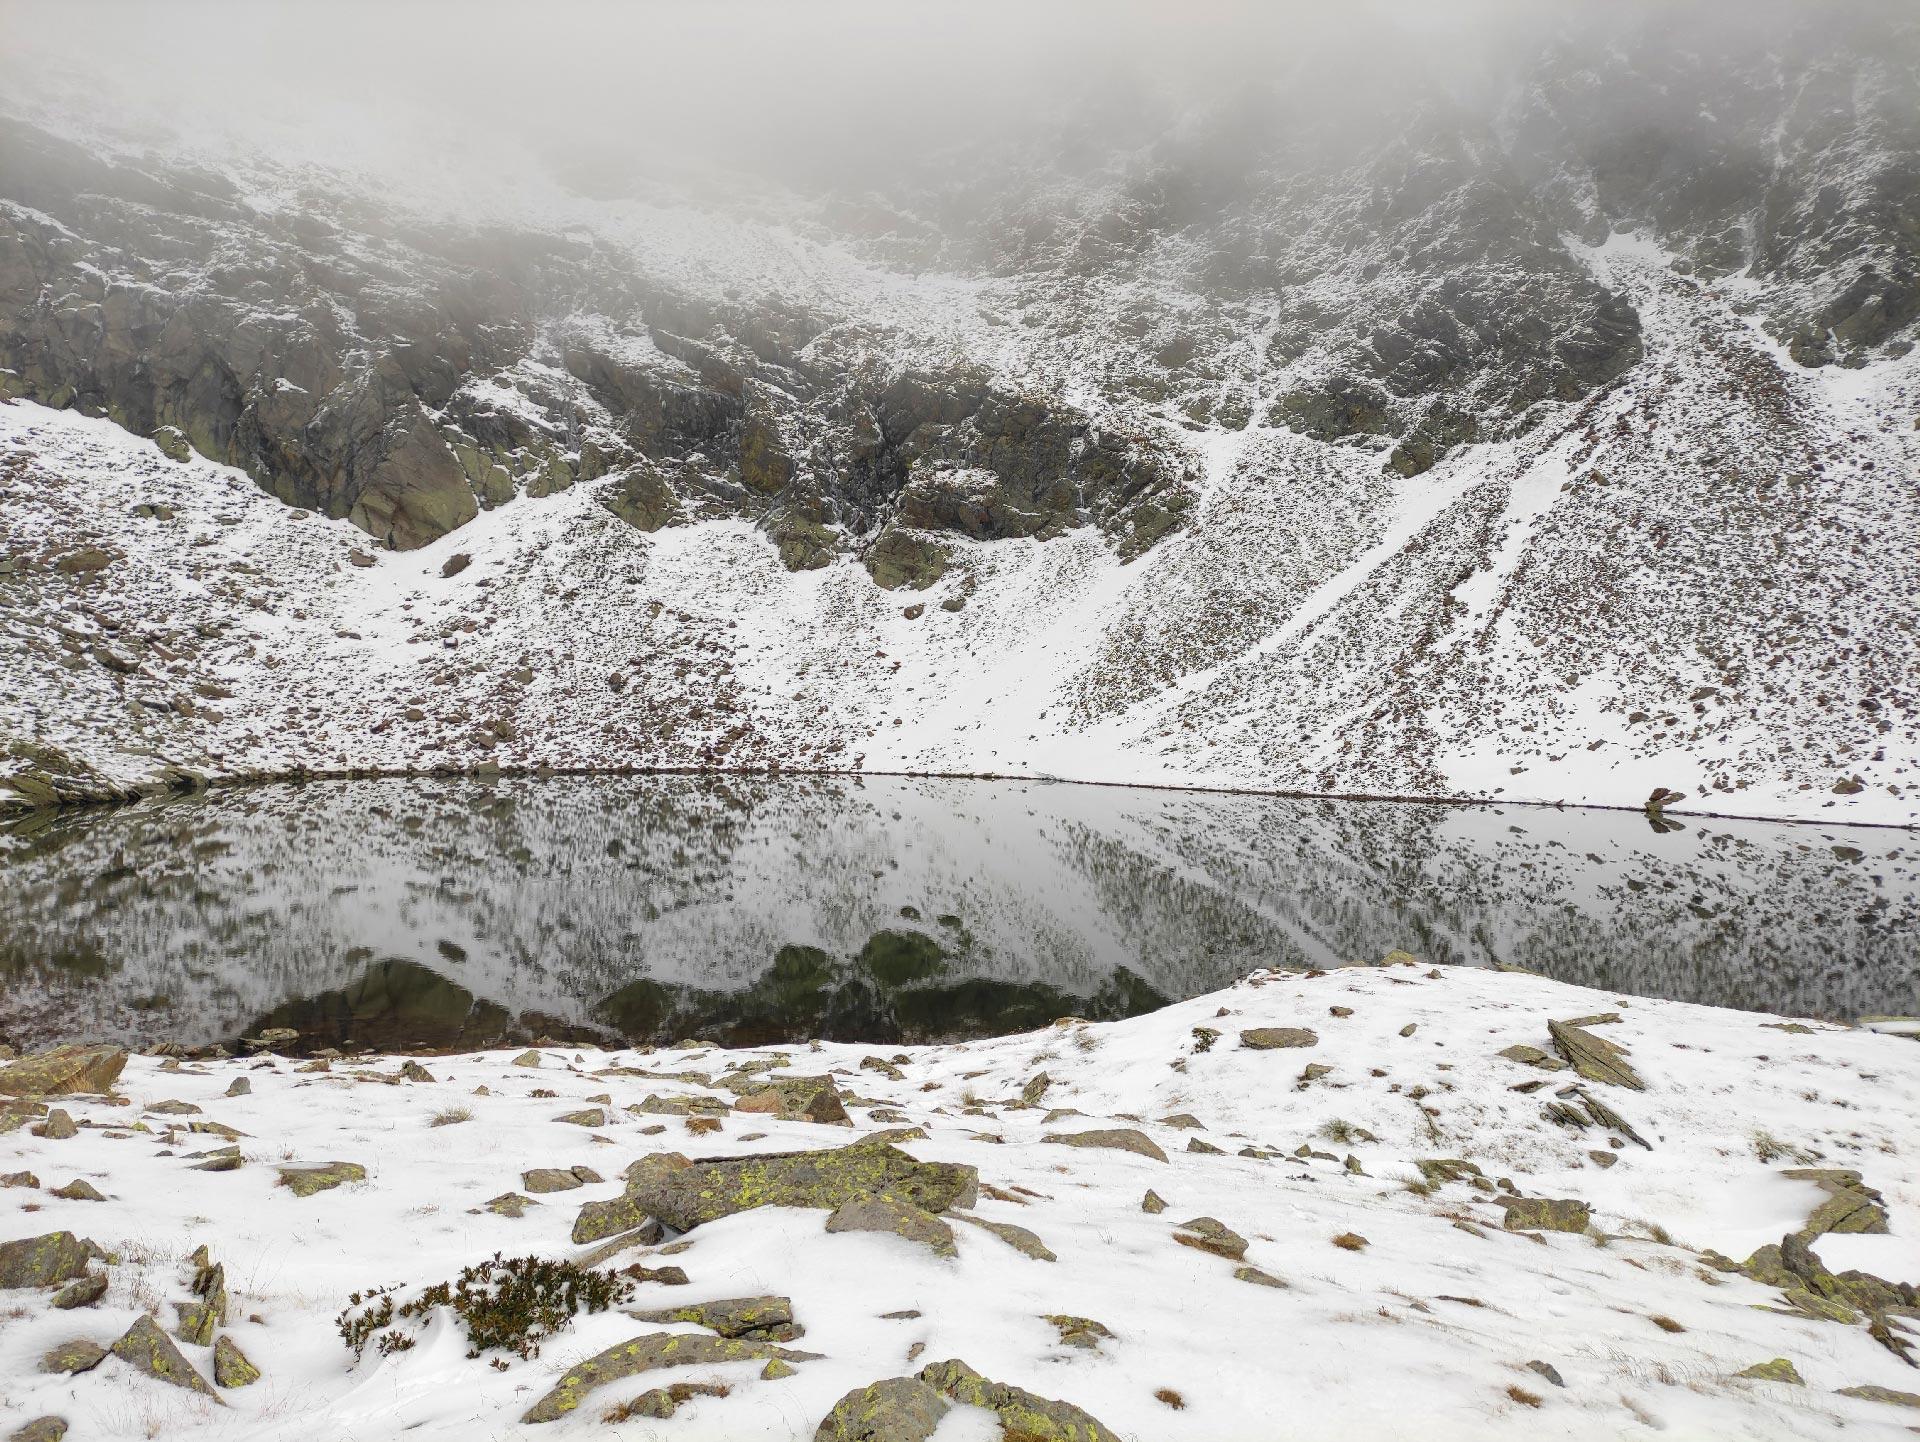 Veduta del lago di Deleguaccio nella nebbia e con la neve, Valsassina, Lombardia